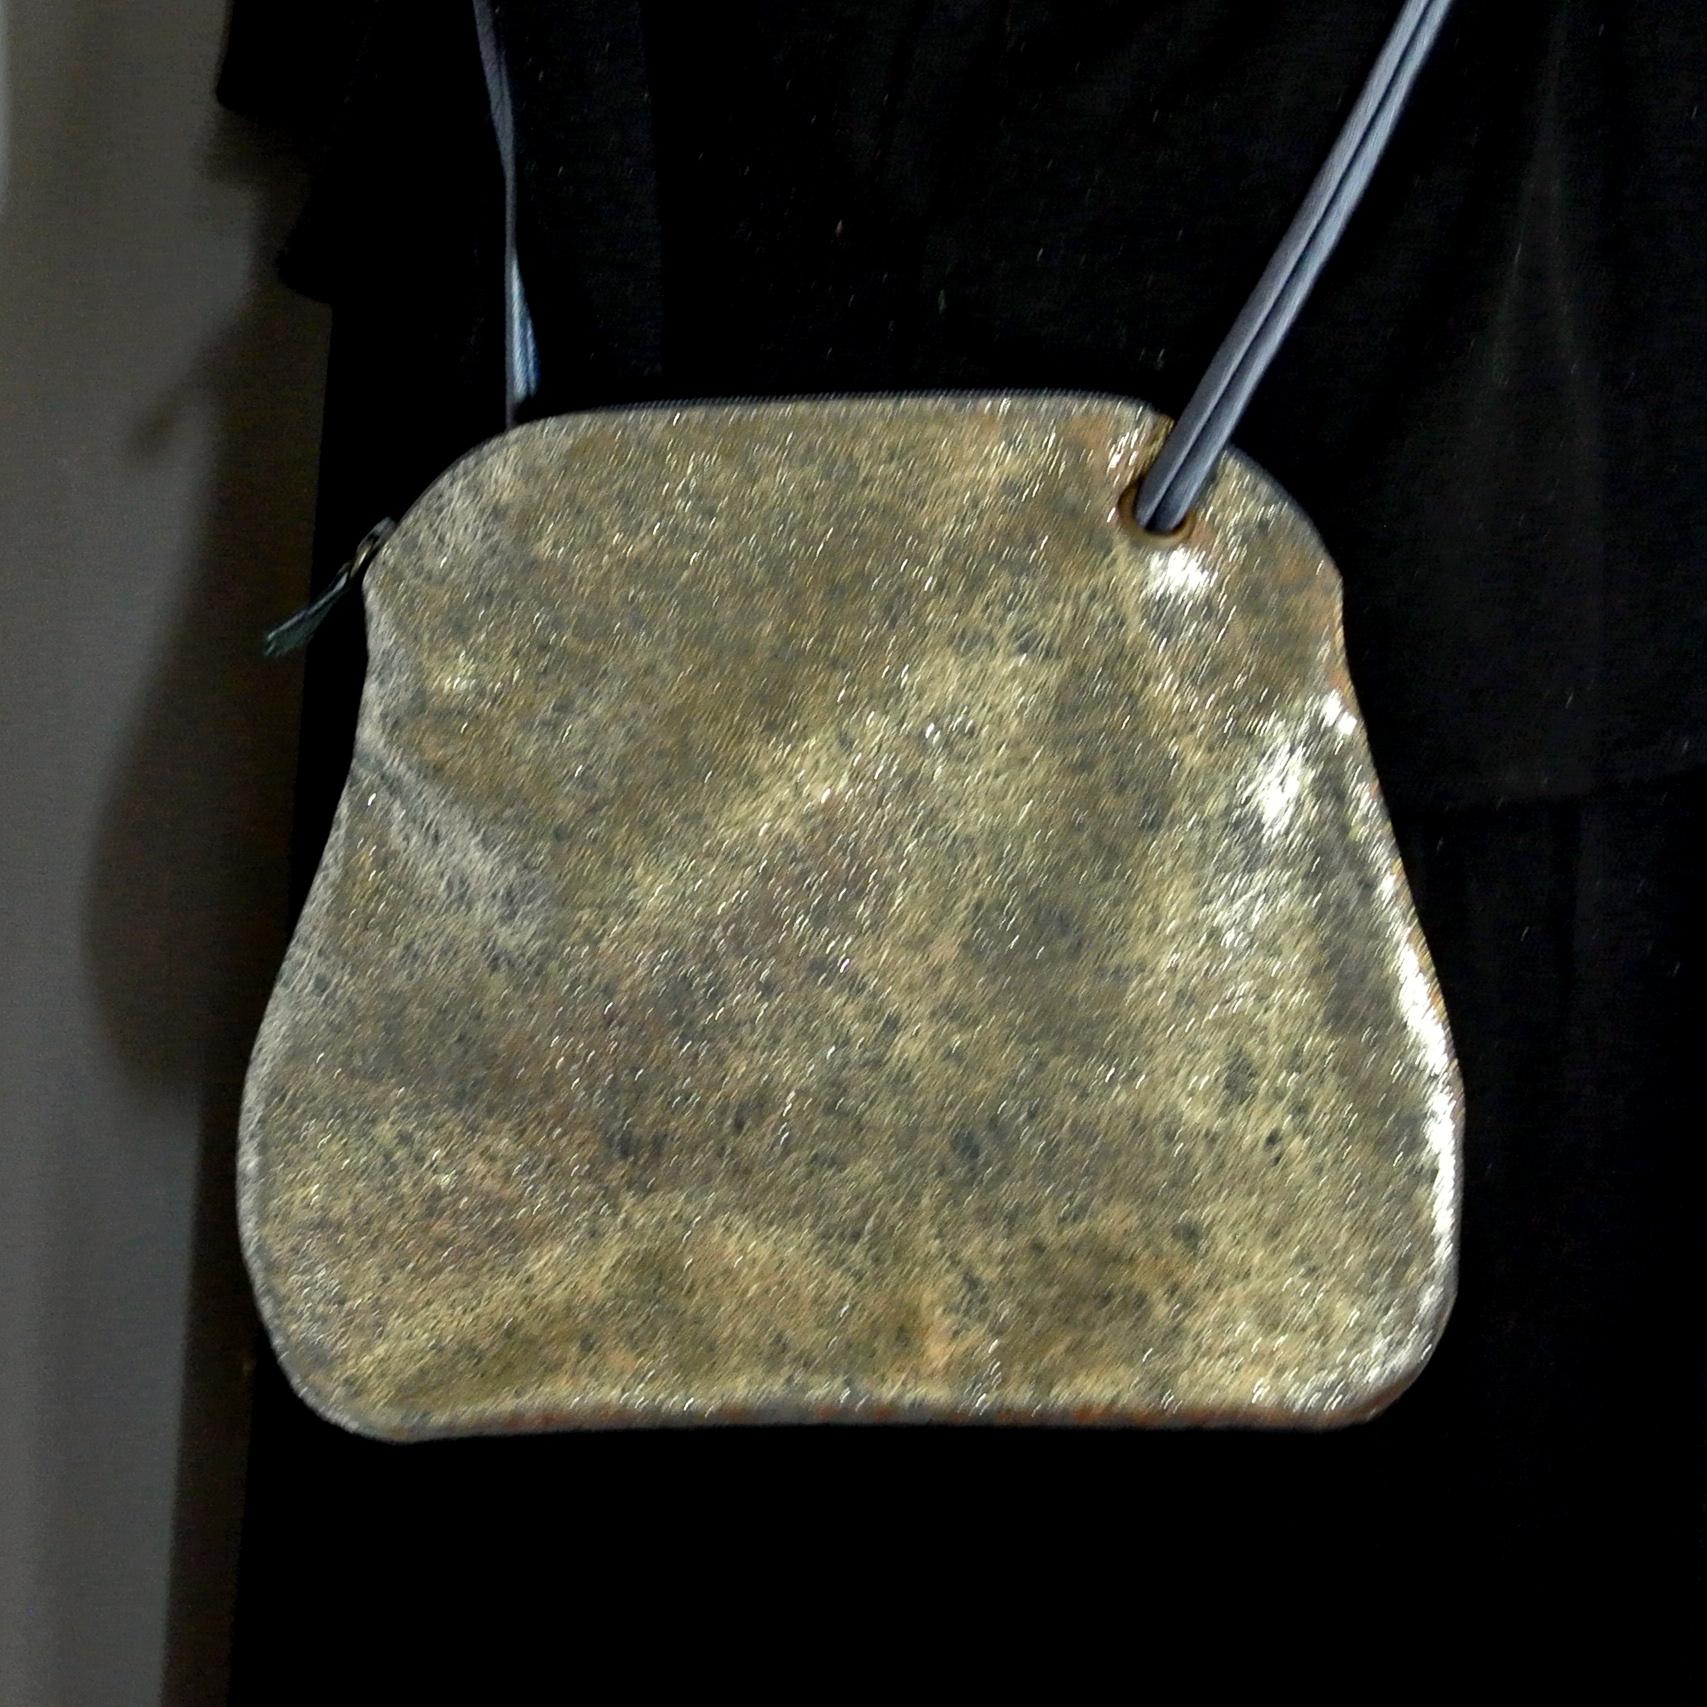 Sac Kiwi, en cuir, en cuir rétro, en cuir vintage, en cuir pailleté, en cuir fil d'or, made in france, la cartablière